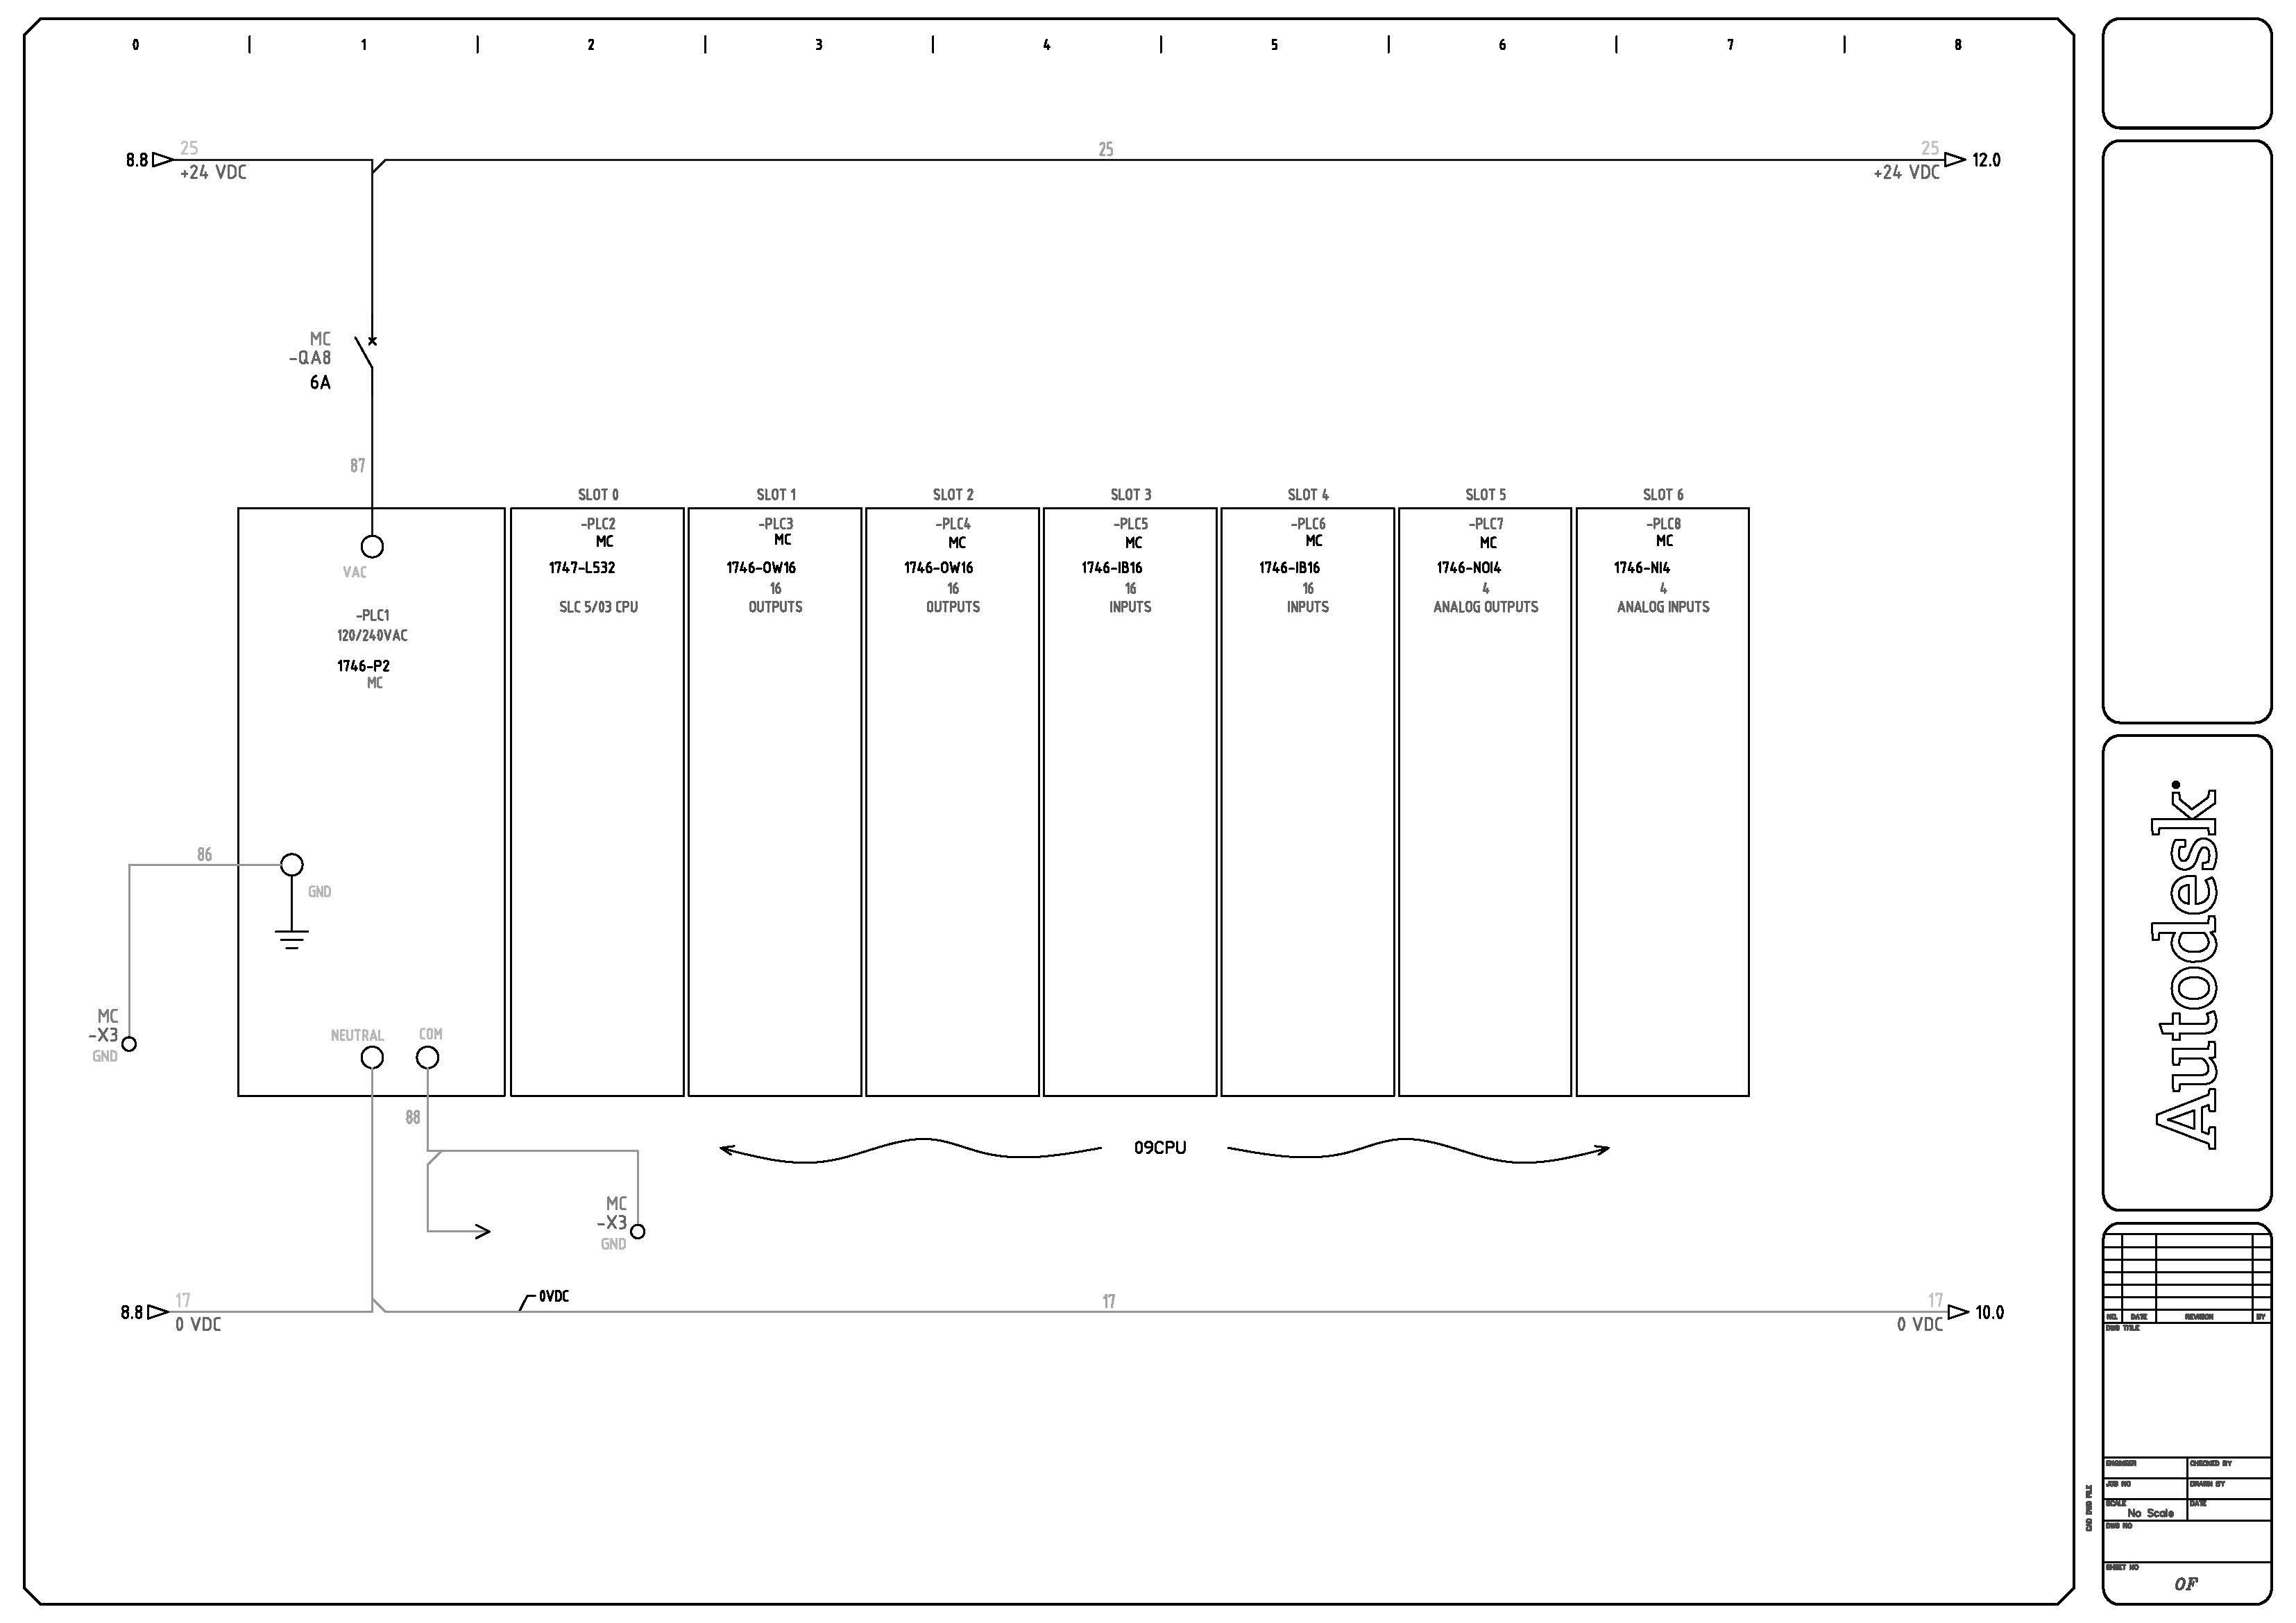 Schemi Elettrici Per Impianti Industriali : Edrawing consulenza sviluppo e stesura di schemi